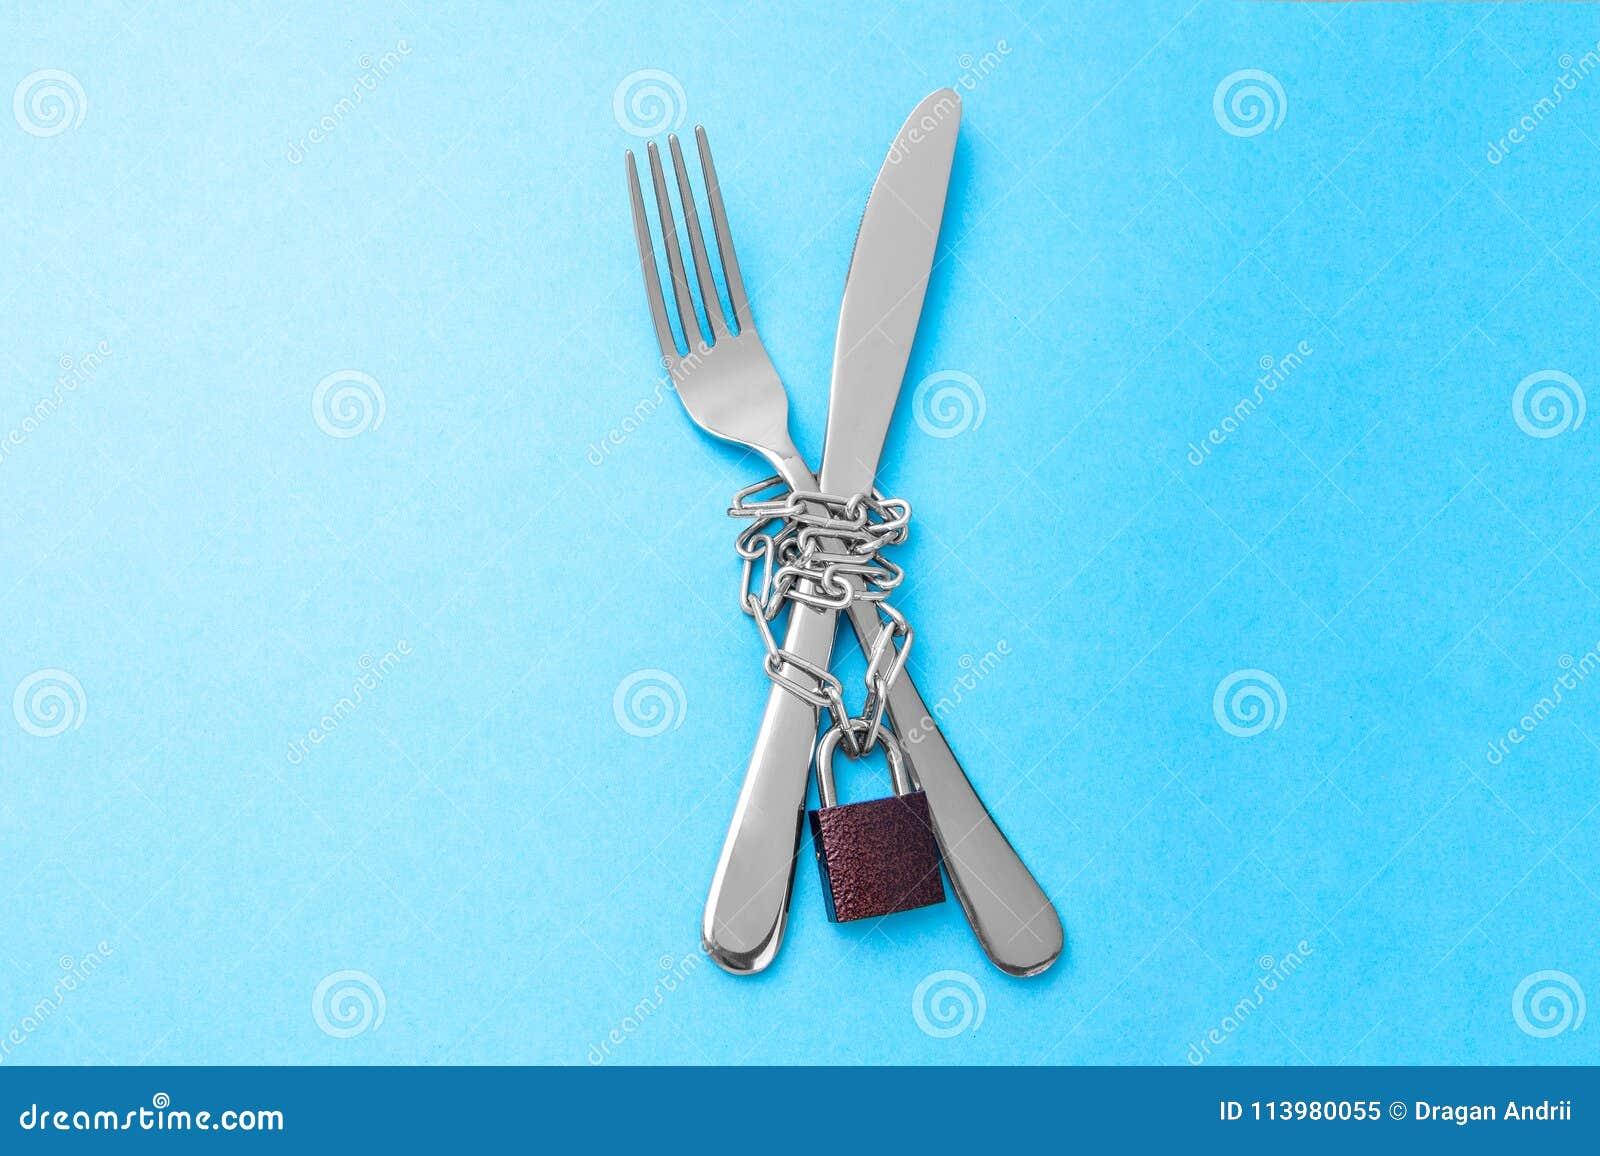 Prohibición en la comida como dieta para la pérdida de peso La bifurcación y el cuchillo se envuelven en una cadena y se cierran